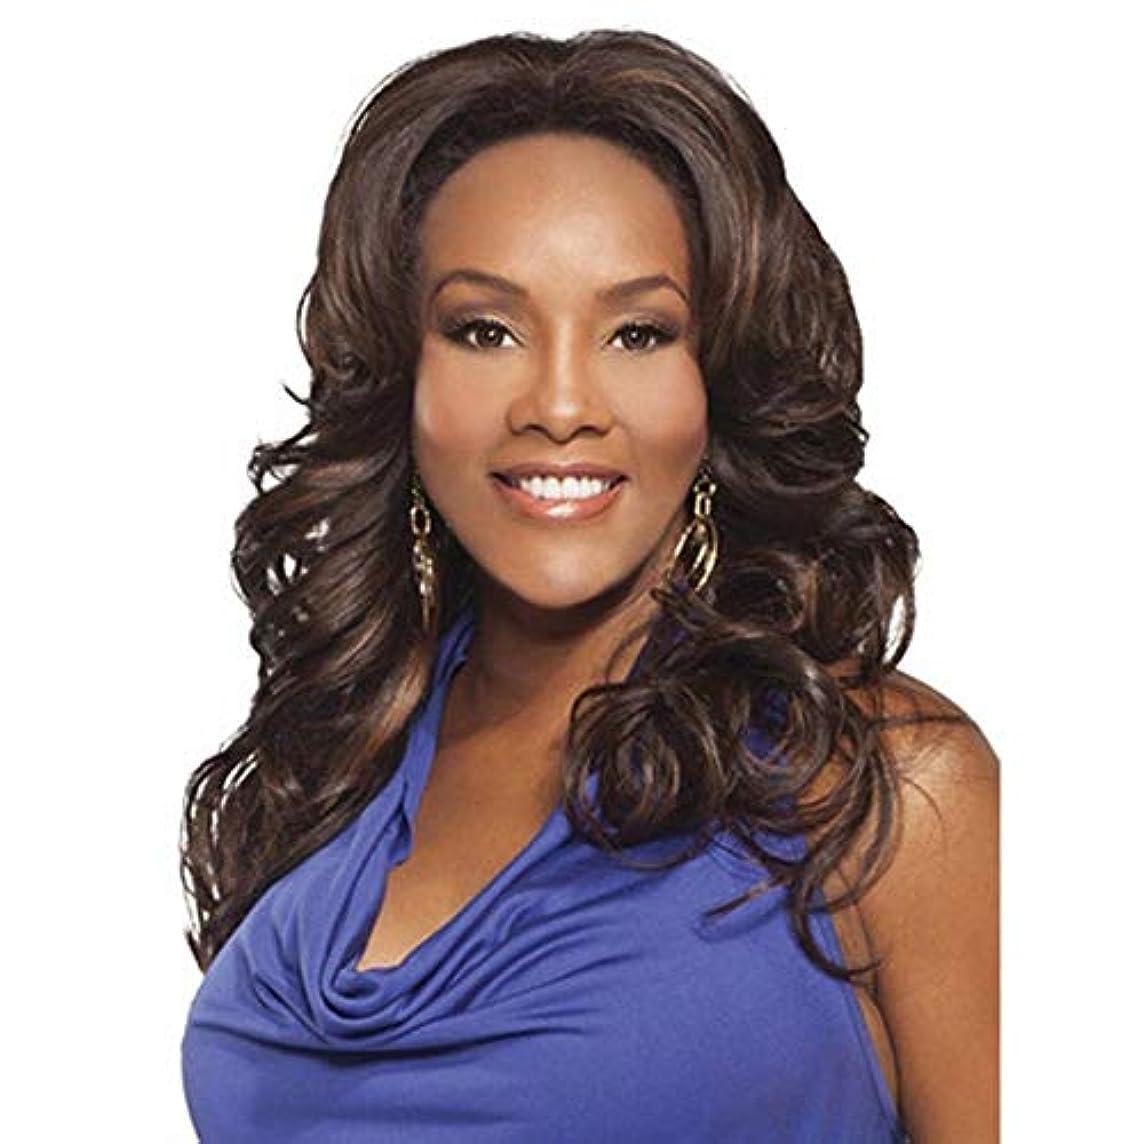 戸惑うとまり木オリエンテーションWASAIO 黒人女性完全な頭部の髪ダークブラウンコスプレパーティーウィッグまたは日常生活+無料ウィッグキャップ用ウィッグ (色 : ブラウン)